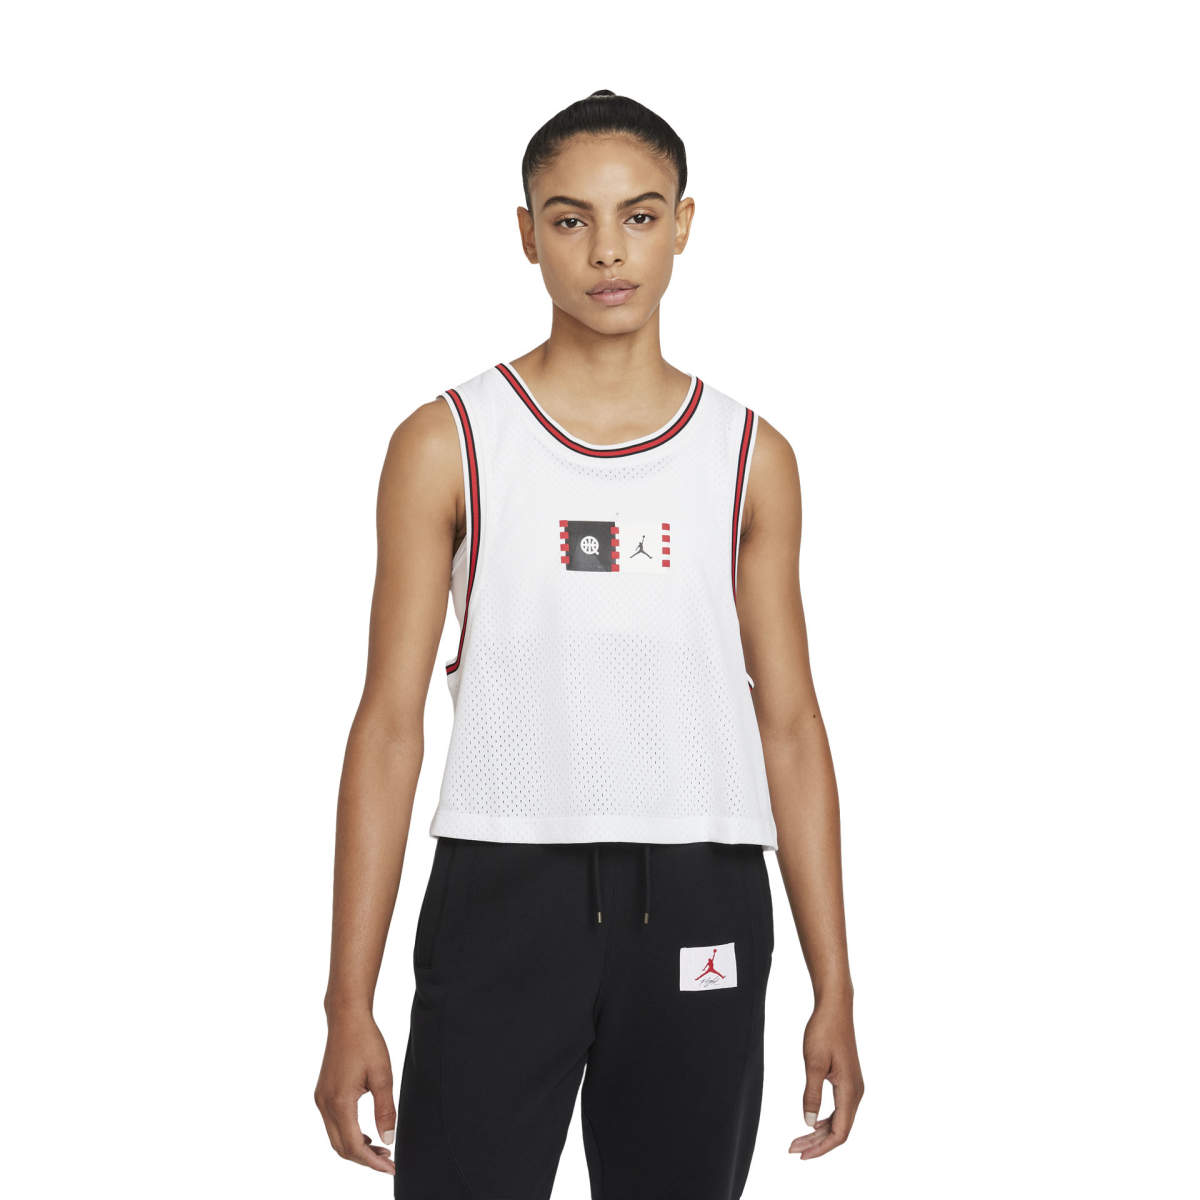 Wmns q54 jersey